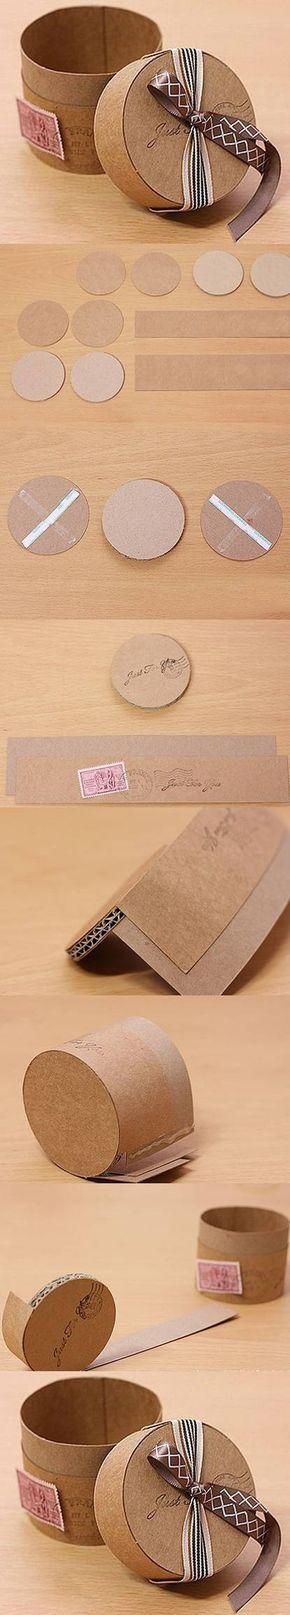 Mira lo que se puede hacer con una plancha de cartón y cartón corrugado: https://www.cajadecarton.es/carton-corrugado/planchas-de-carton?utm_source=Pinterest&utm_medium=social&utm_campaign=20160616-planchas_carton